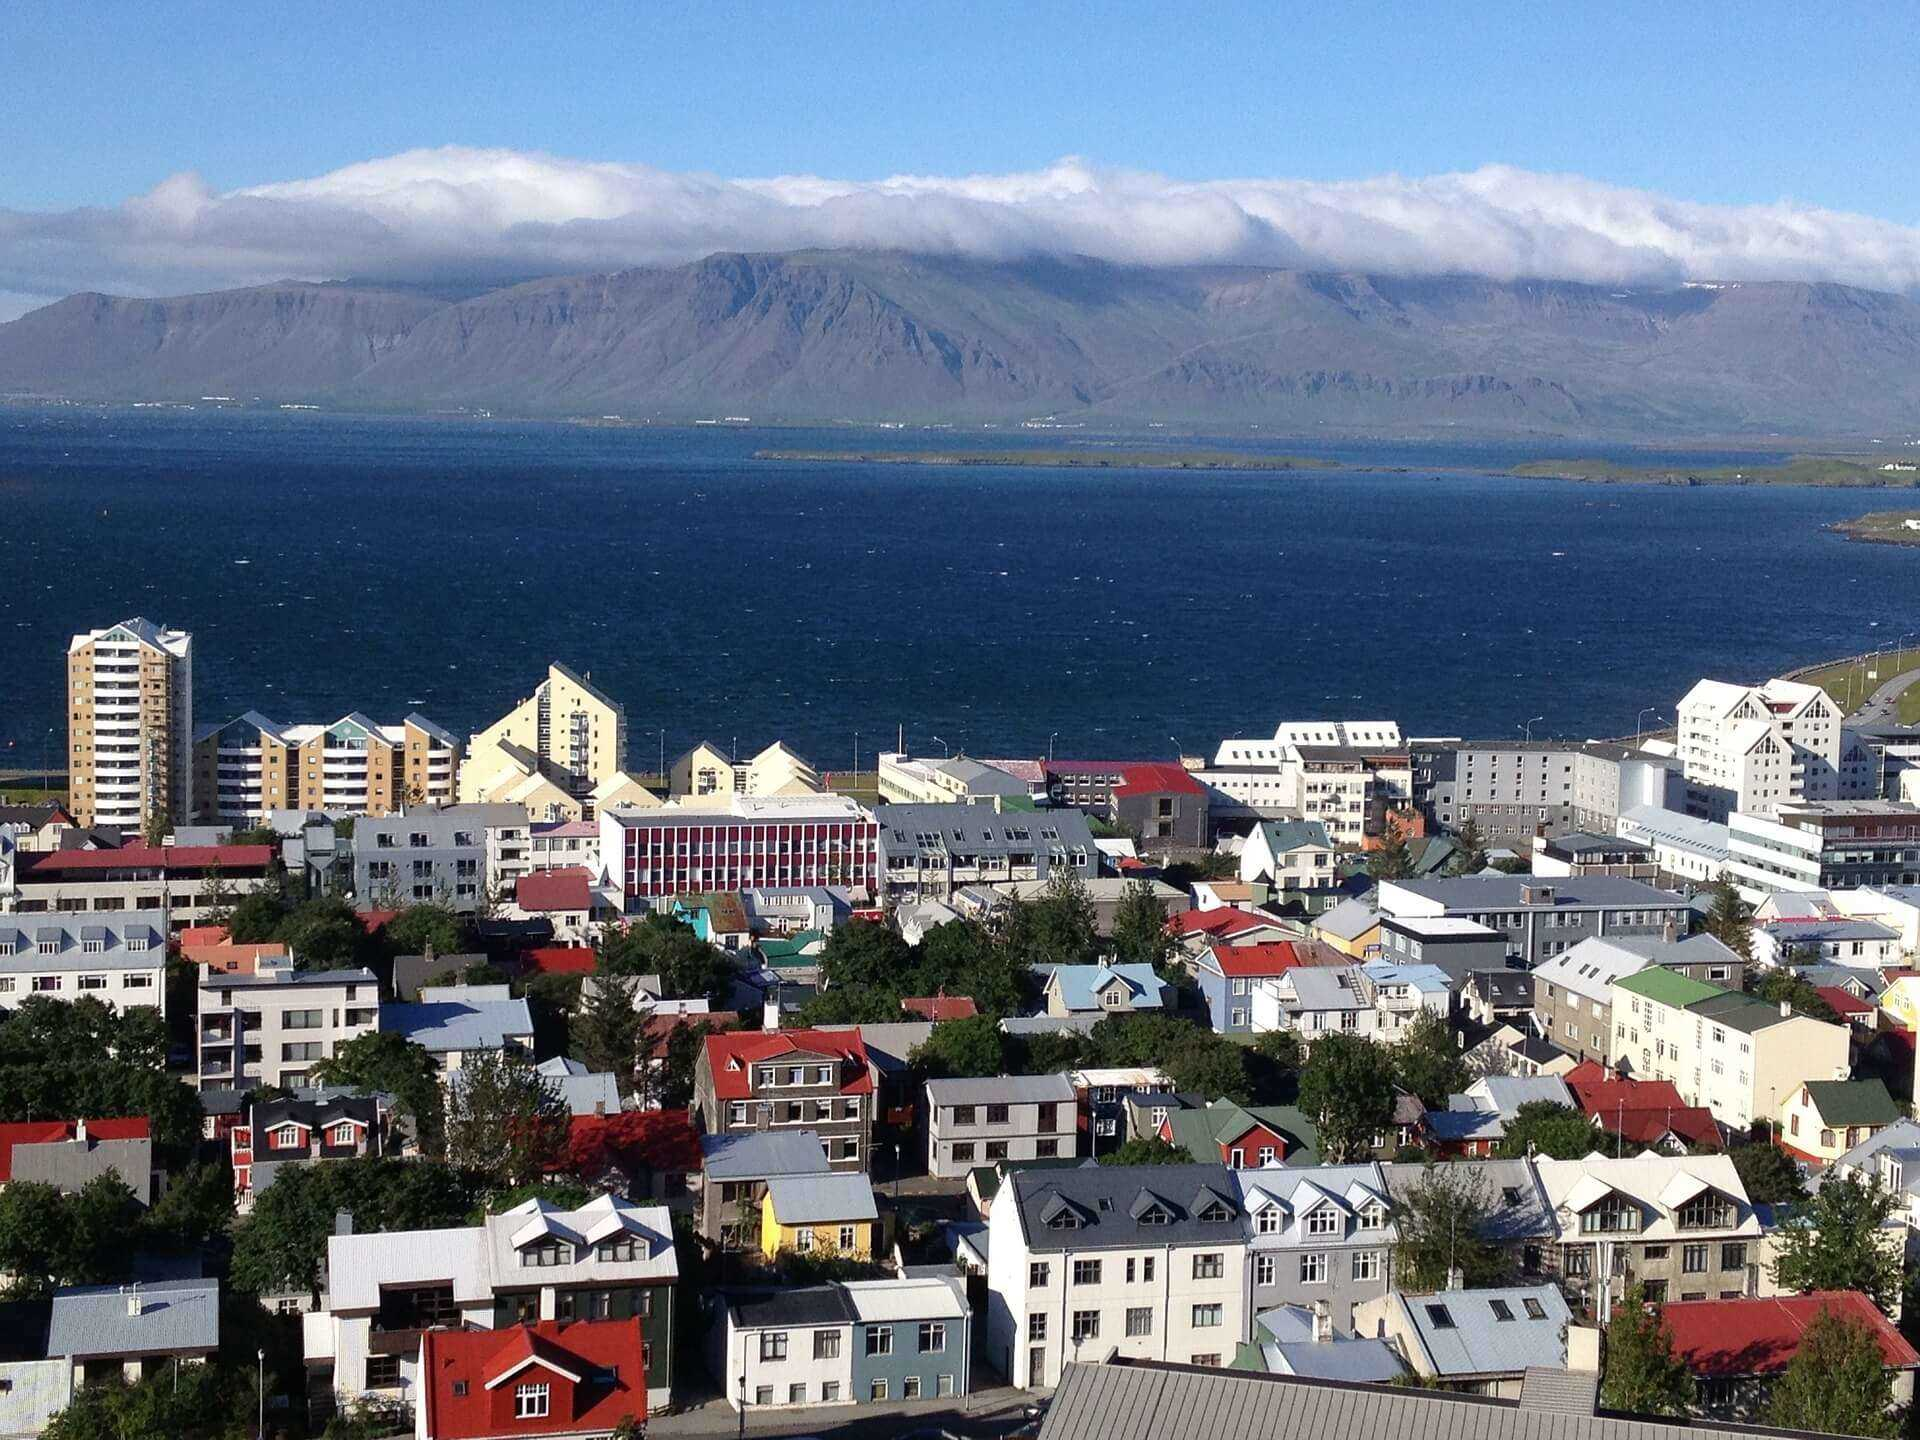 Direktflüge und Billigflüge nach Island